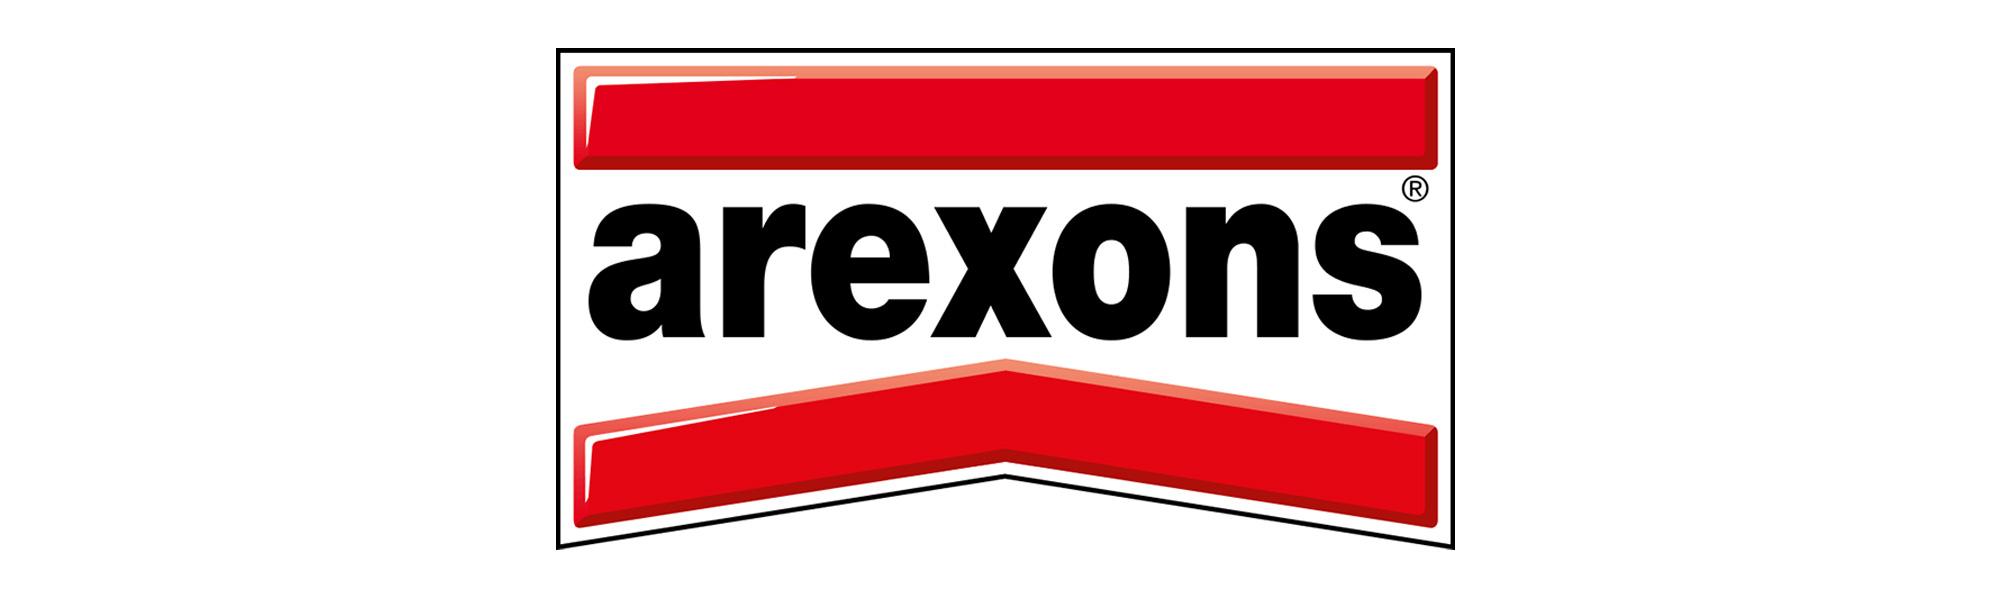 banner-Arexons.jpg